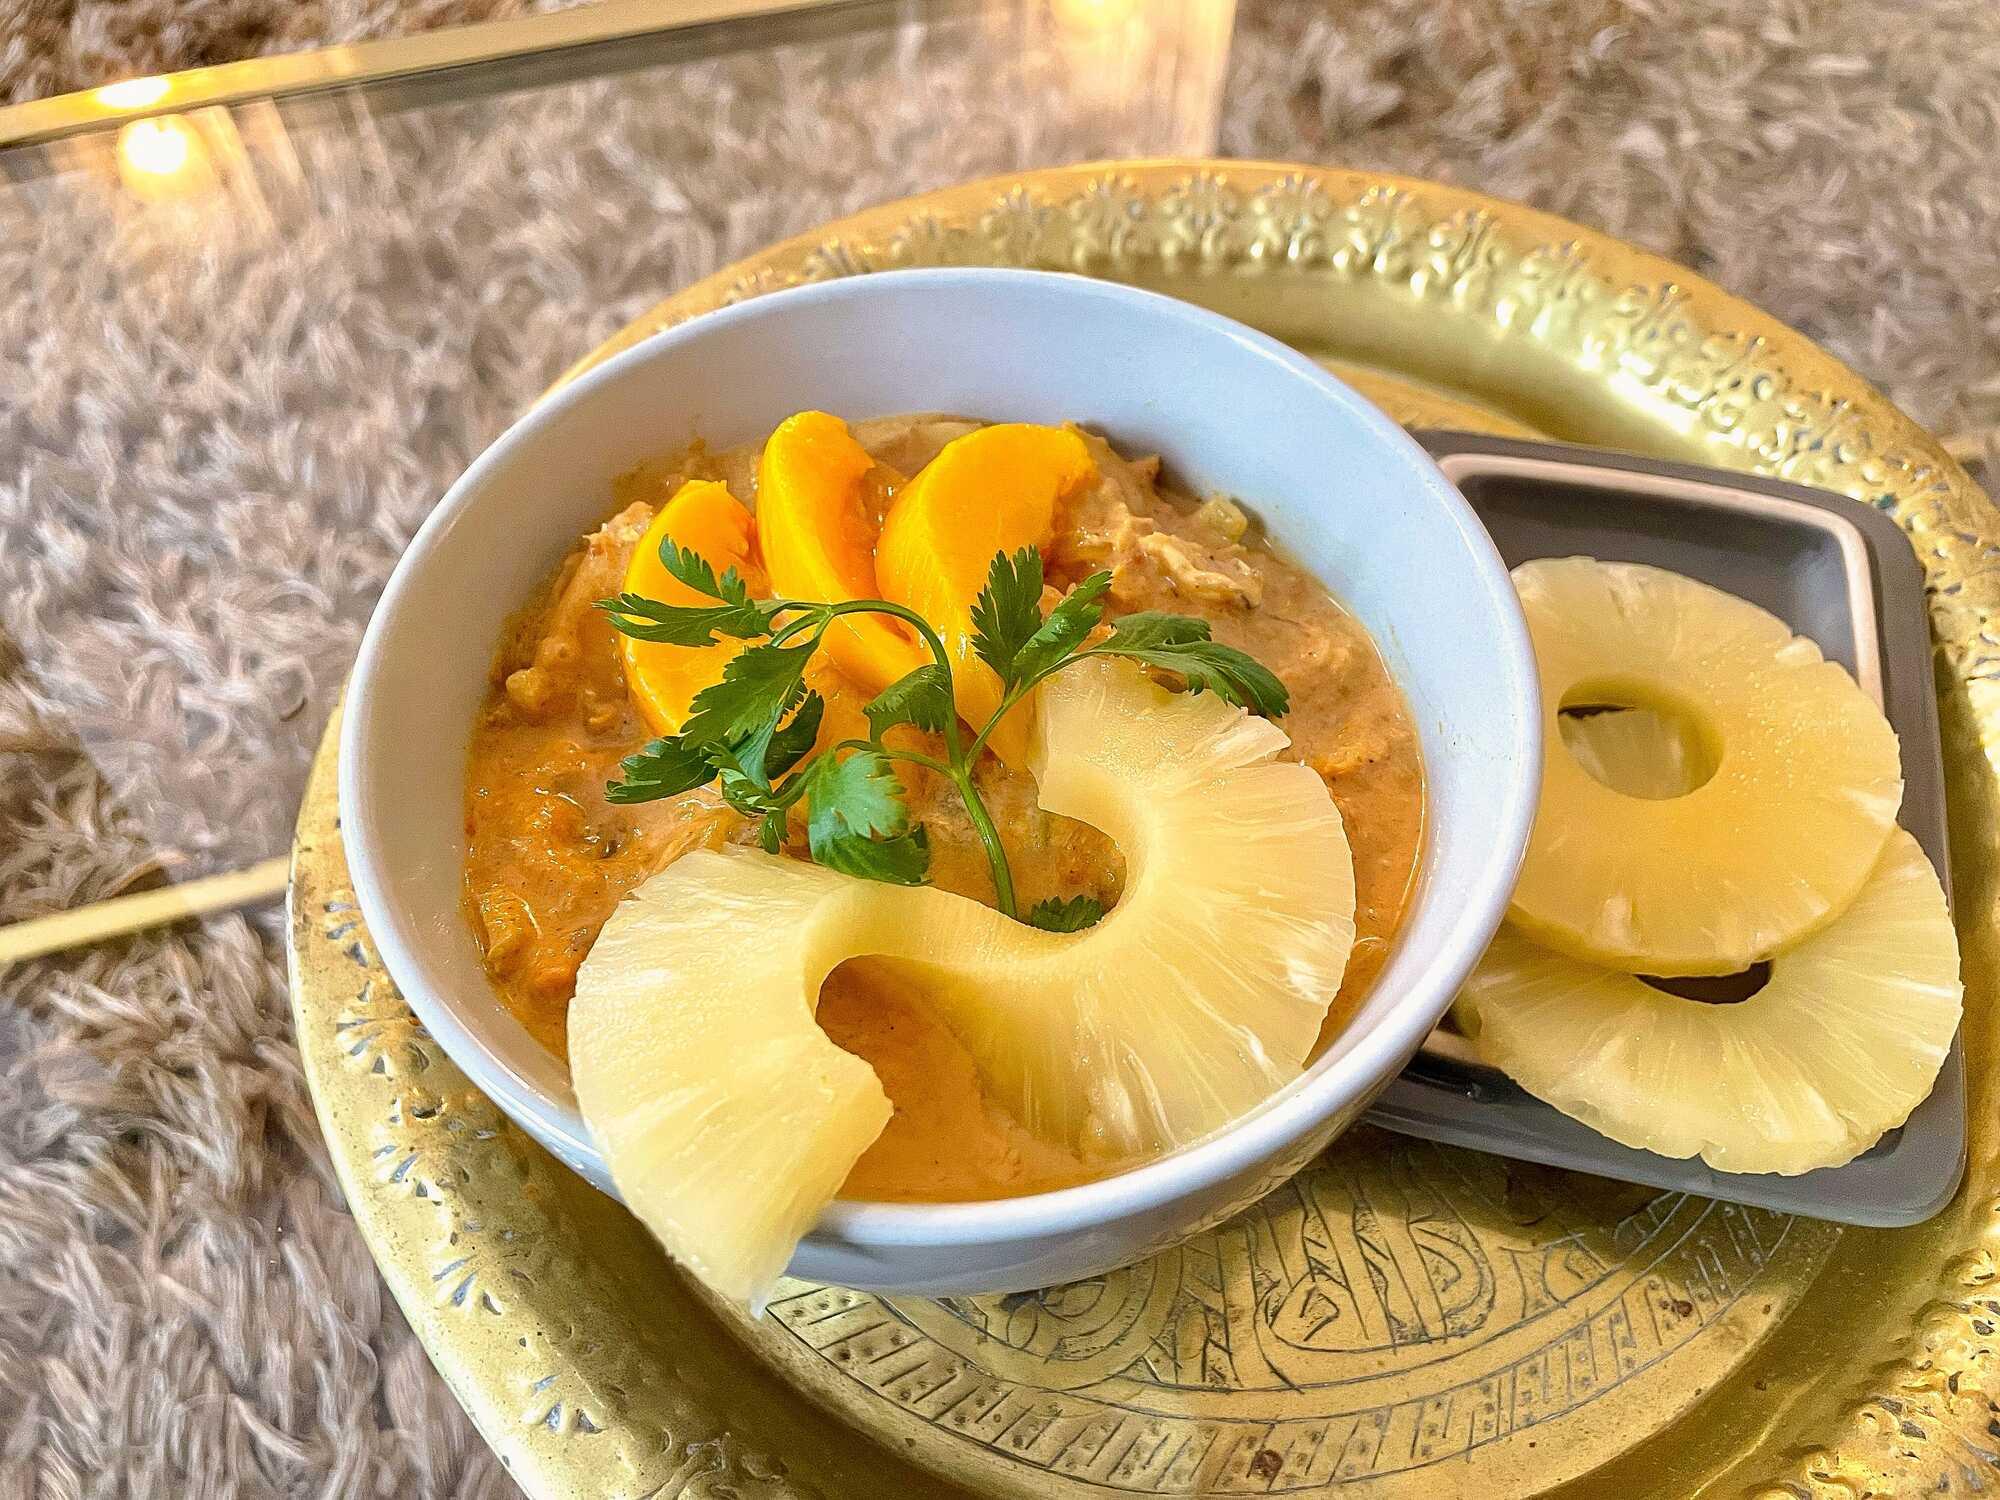 Le curry est présenté dans un bol avec des tranches d'ananas et de pêches sur le dessus, le tout posé sur un plateau doré.